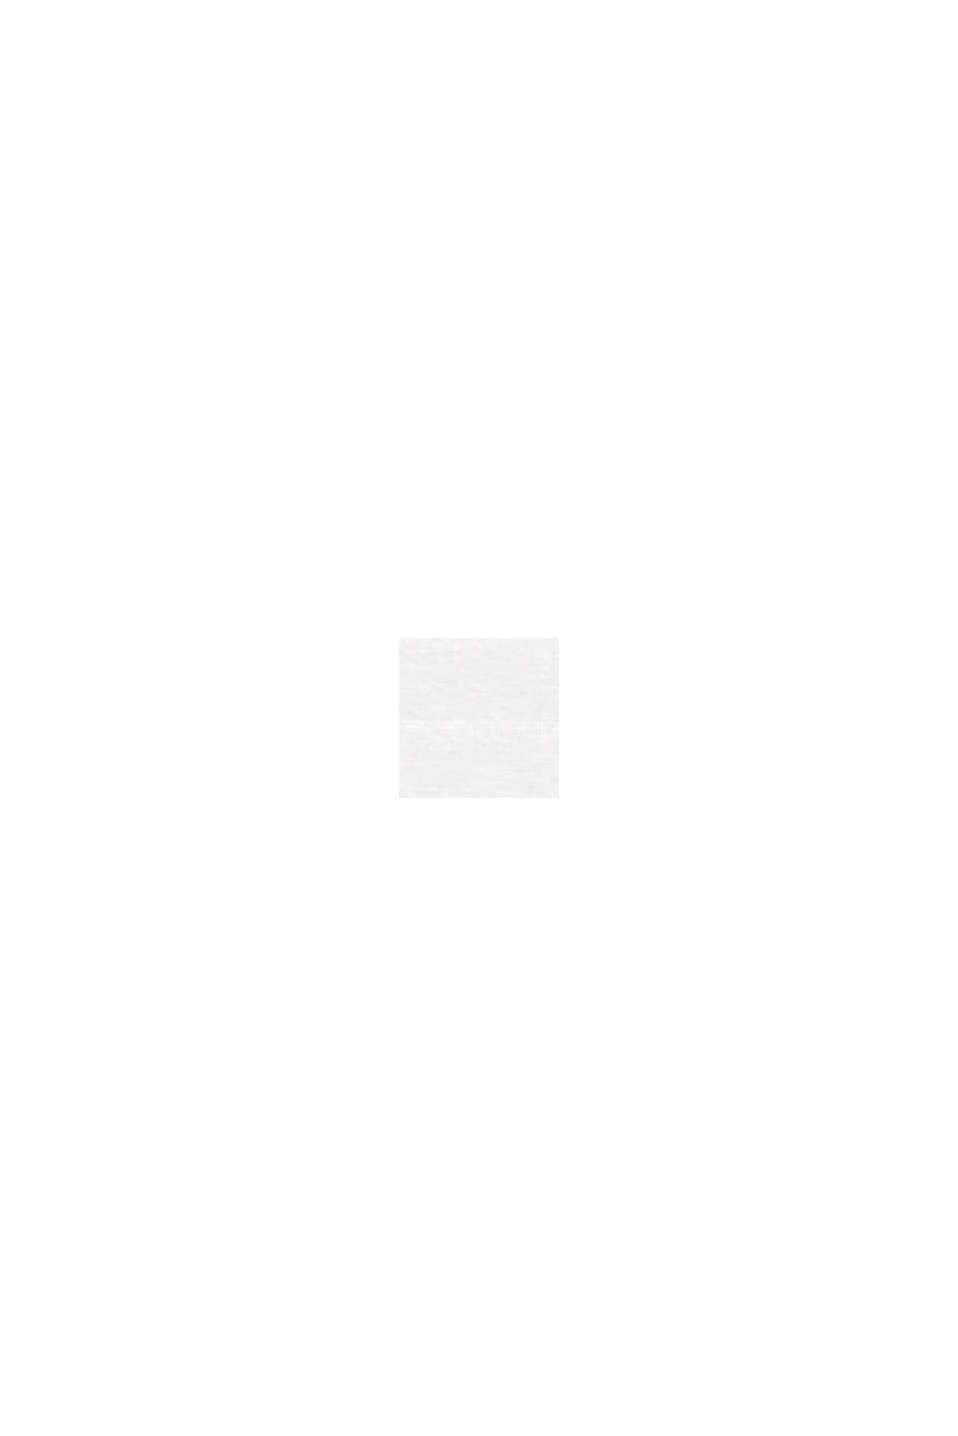 Napillinen CURVY-paita luomupuuvillaa, OFF WHITE, swatch